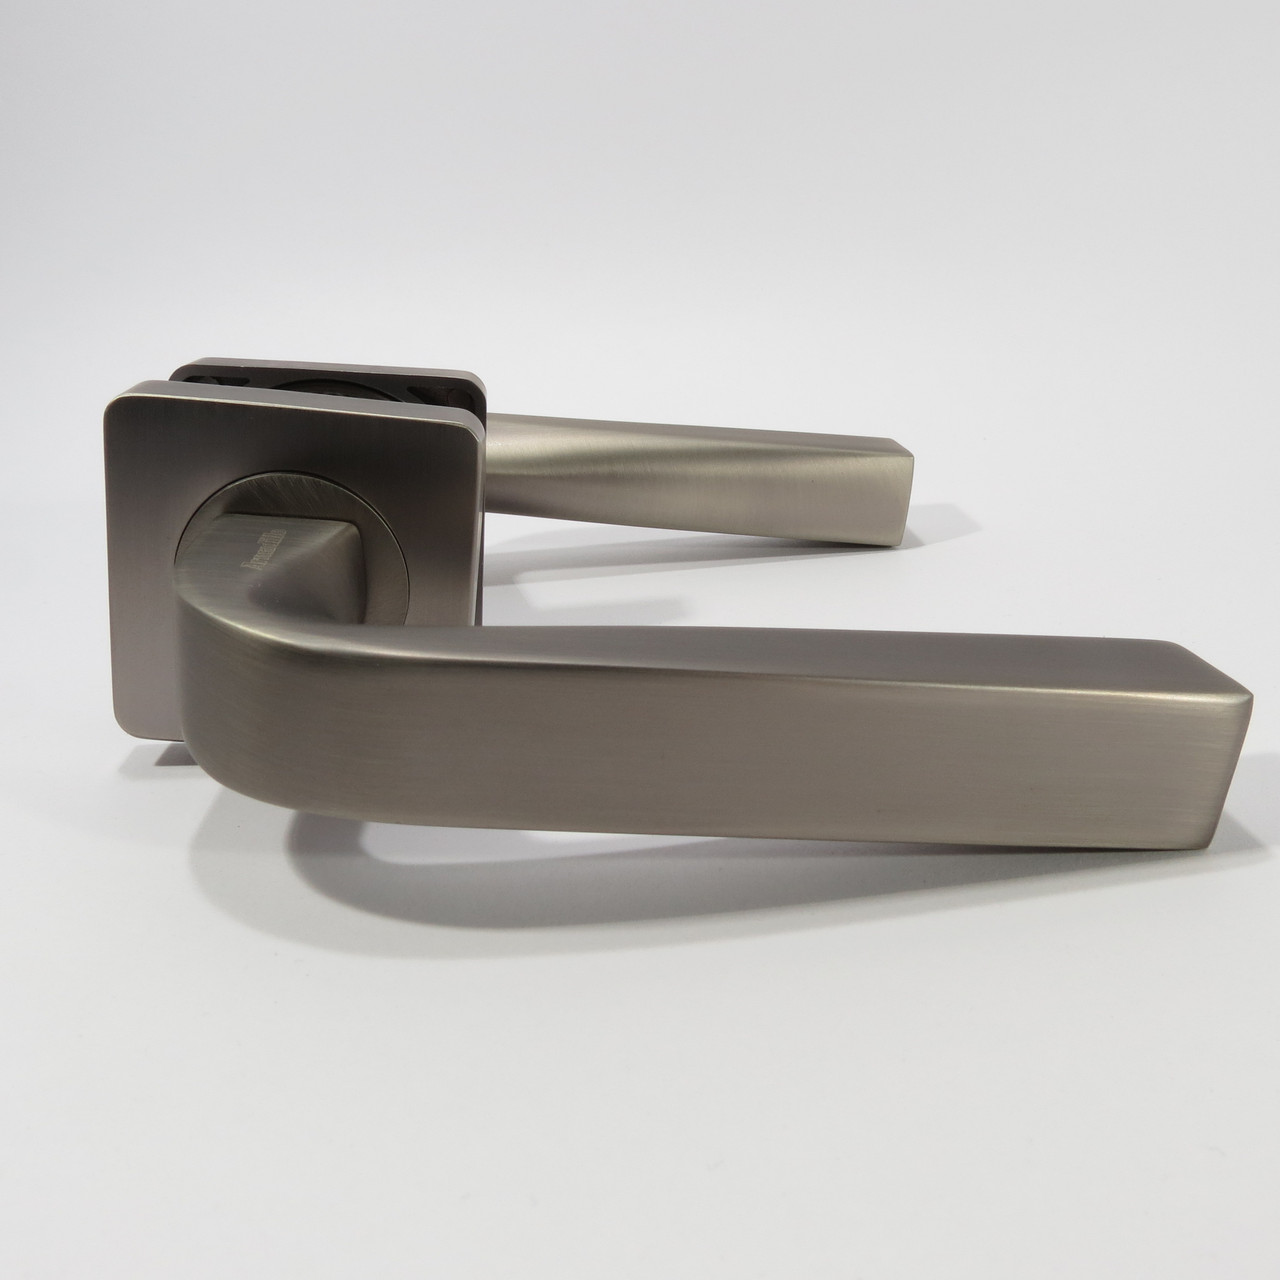 Ручка Armadillo  KEA-SQ002-21SN-23 (пепельный никель)